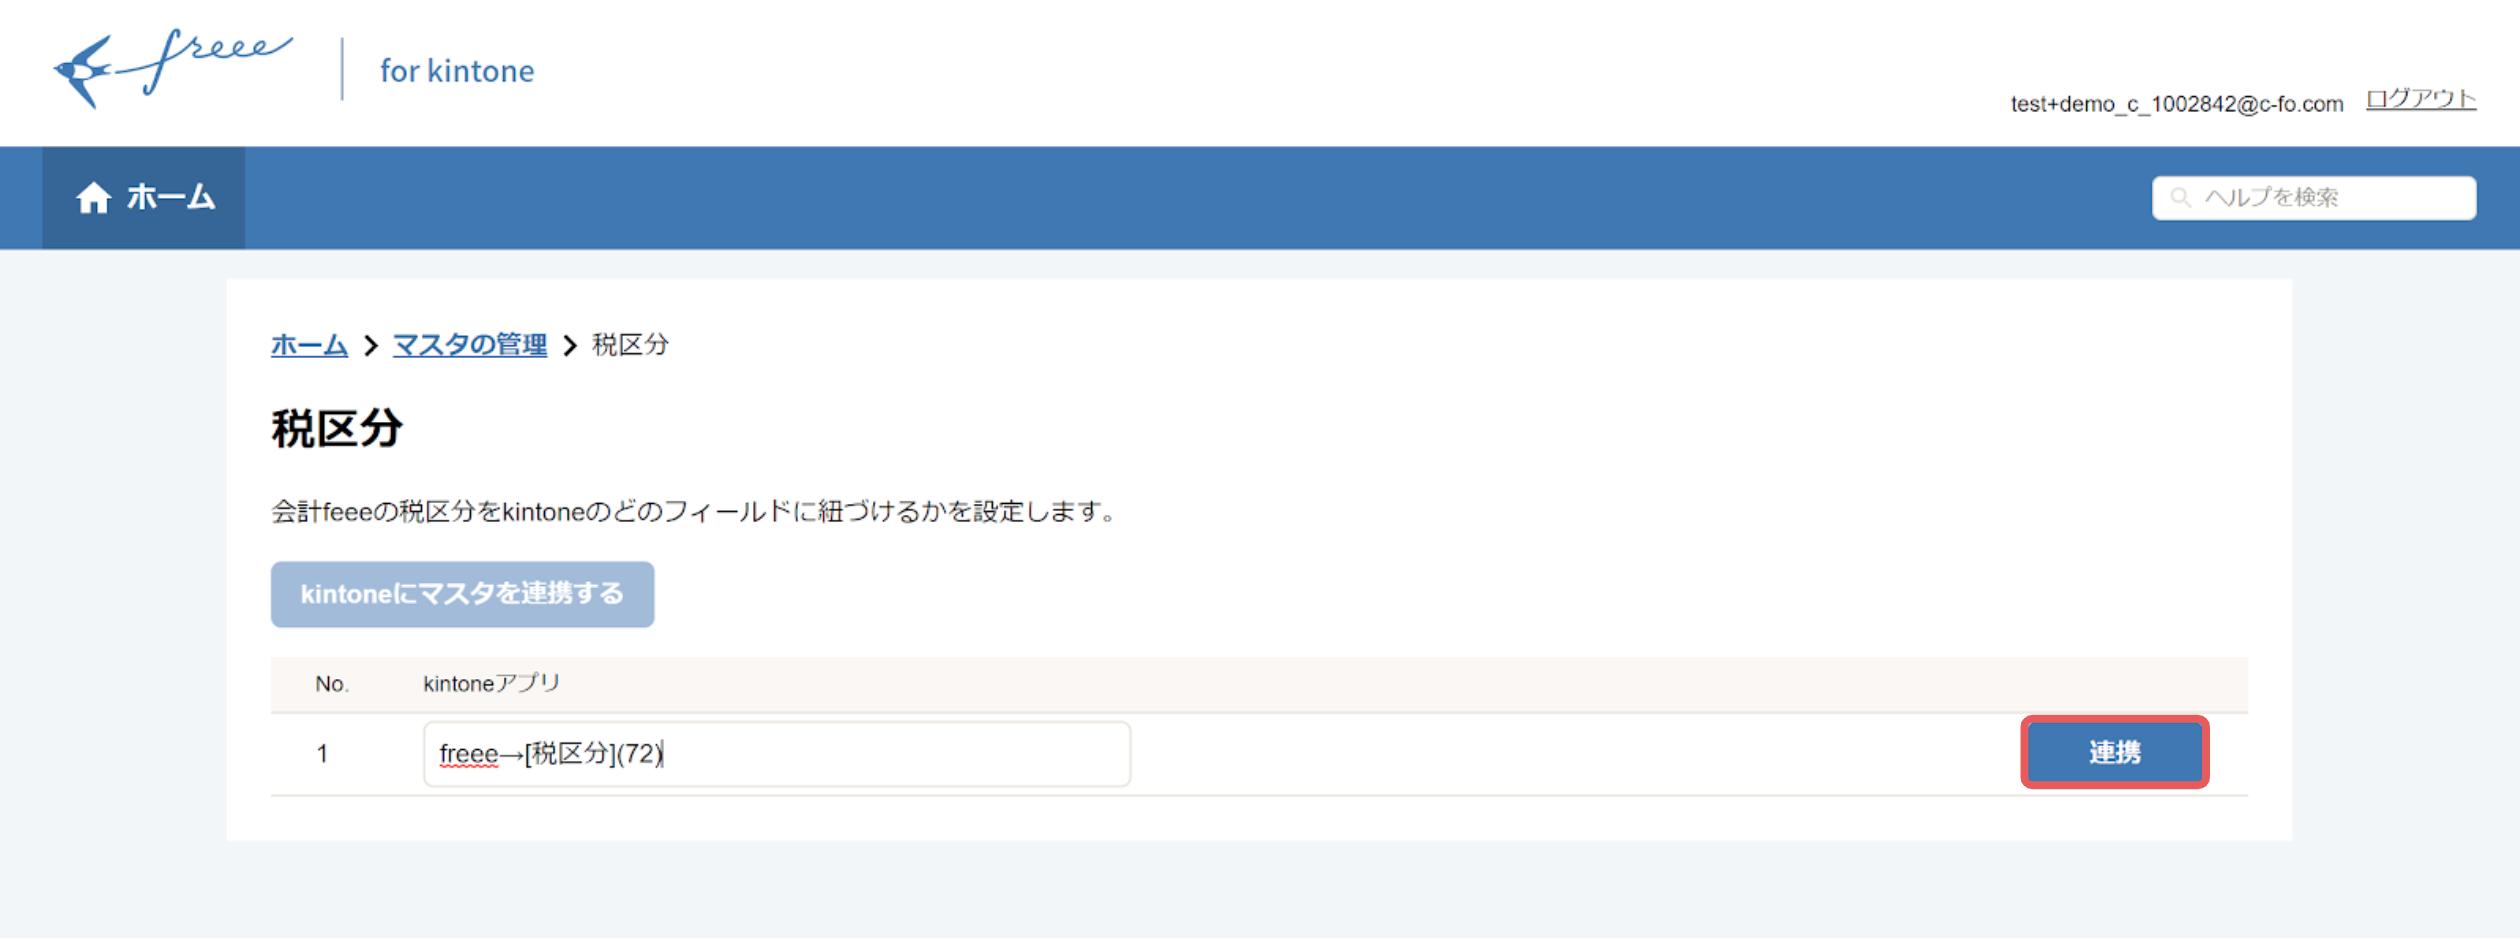 Screen_Shot_2020-07-09_at_16.06.00.png